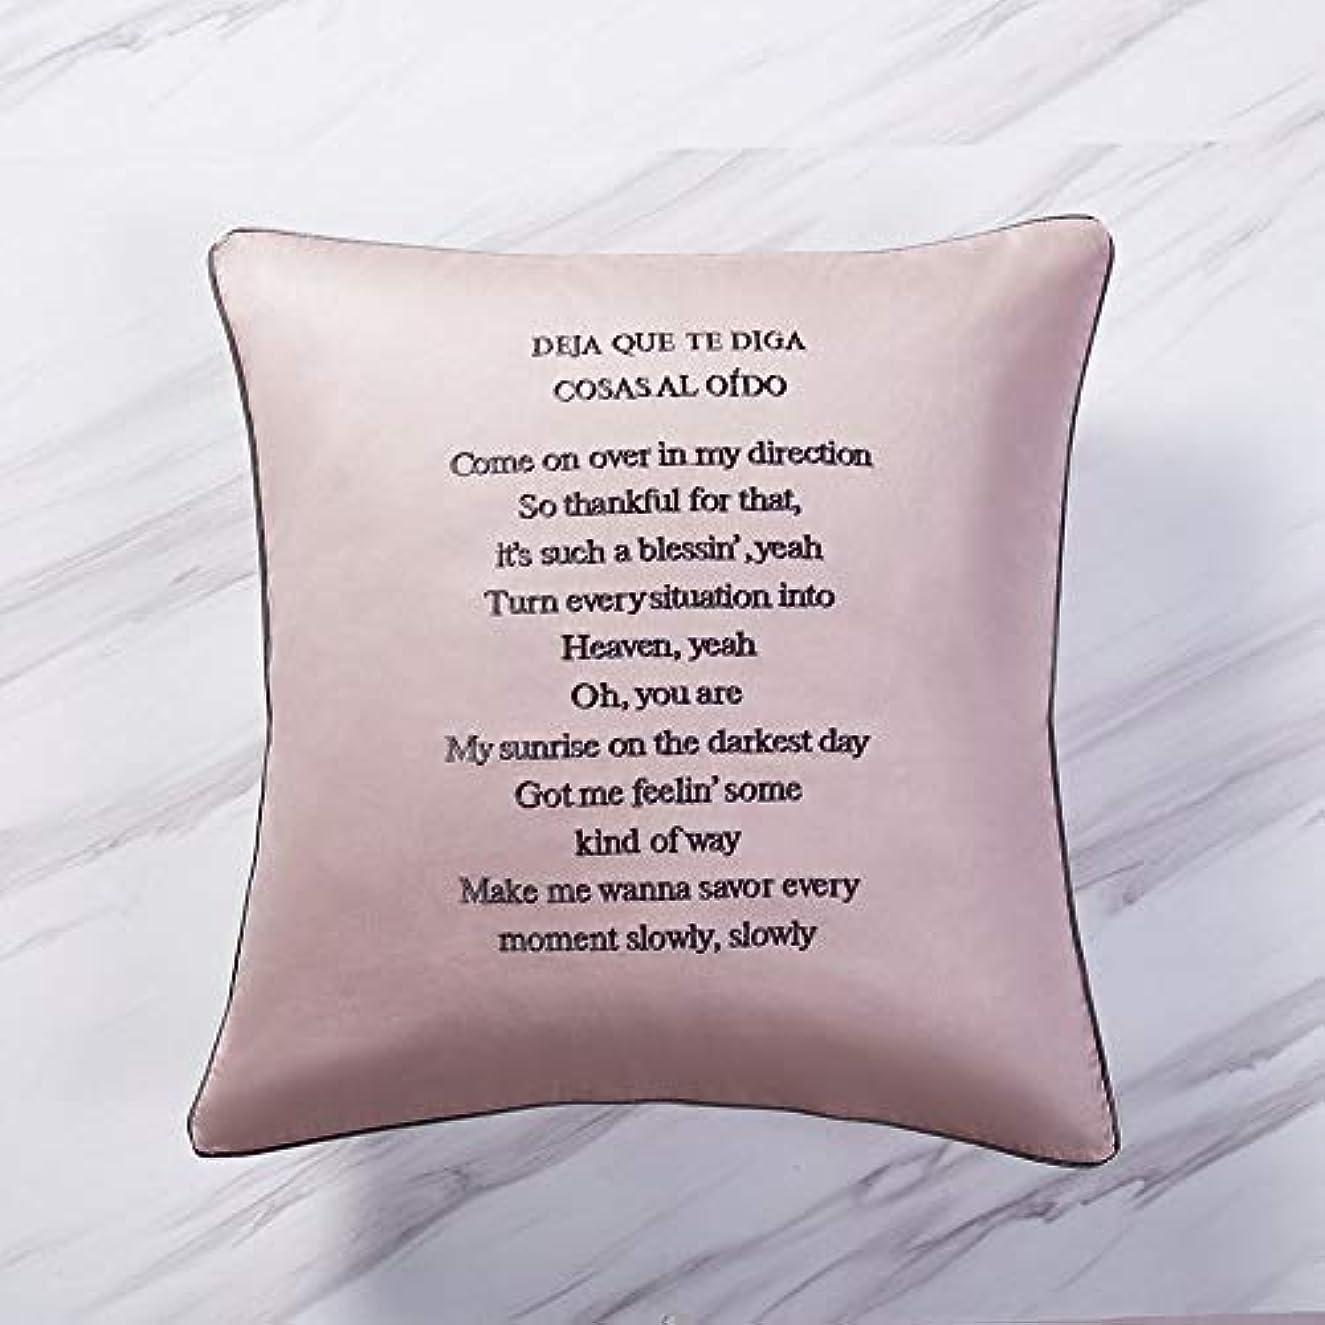 腰枕 ロングステープルコットン刺繍入りレターピローコットンソファーベッドbyウエストクッションピローケース付きコア (色 : Cream powder, Size : 45*45cm)